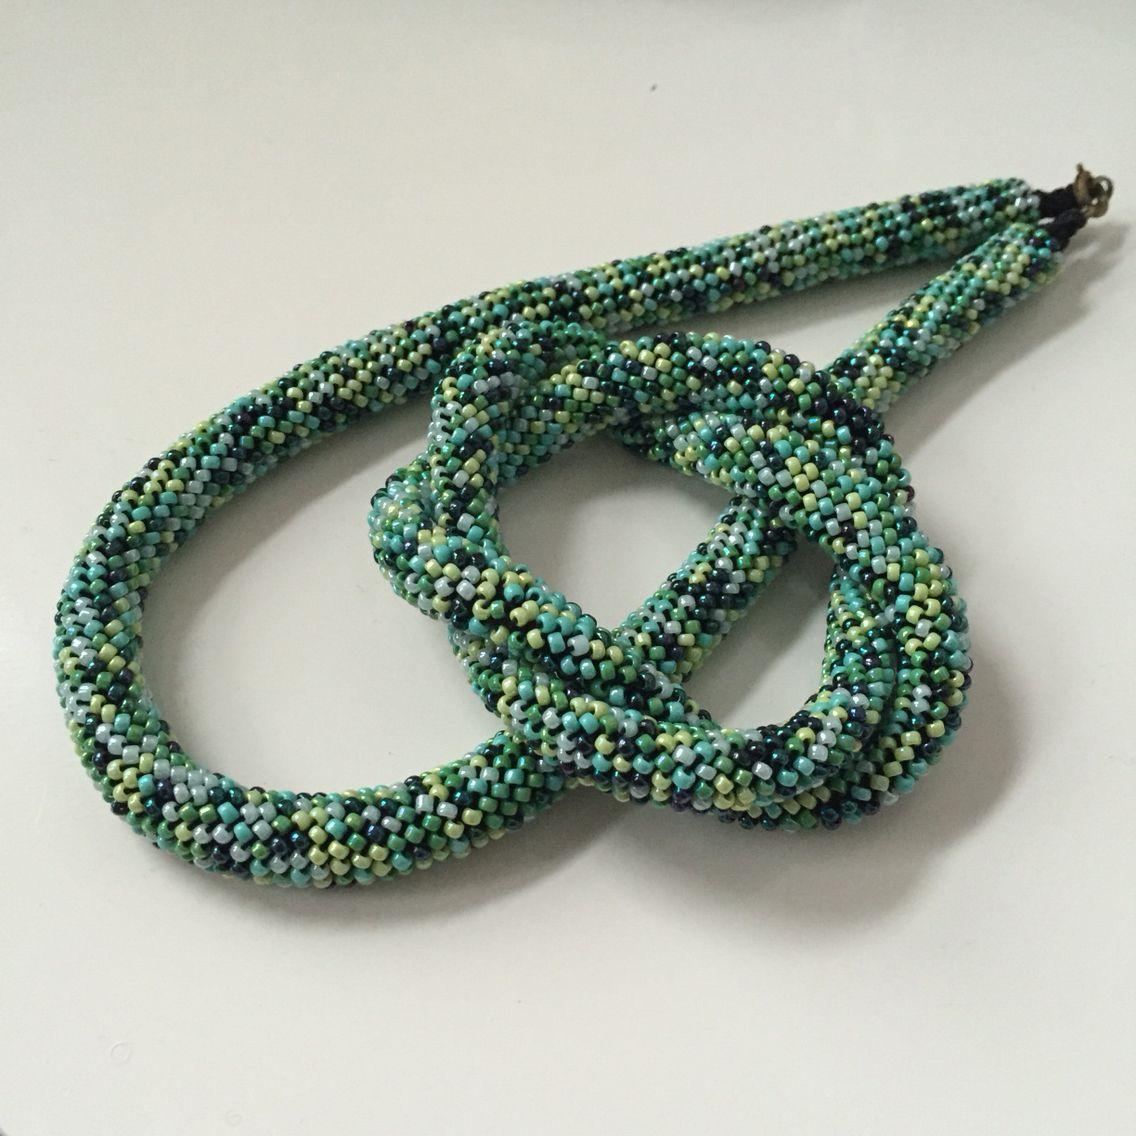 Halskette und verschlungenes Armband